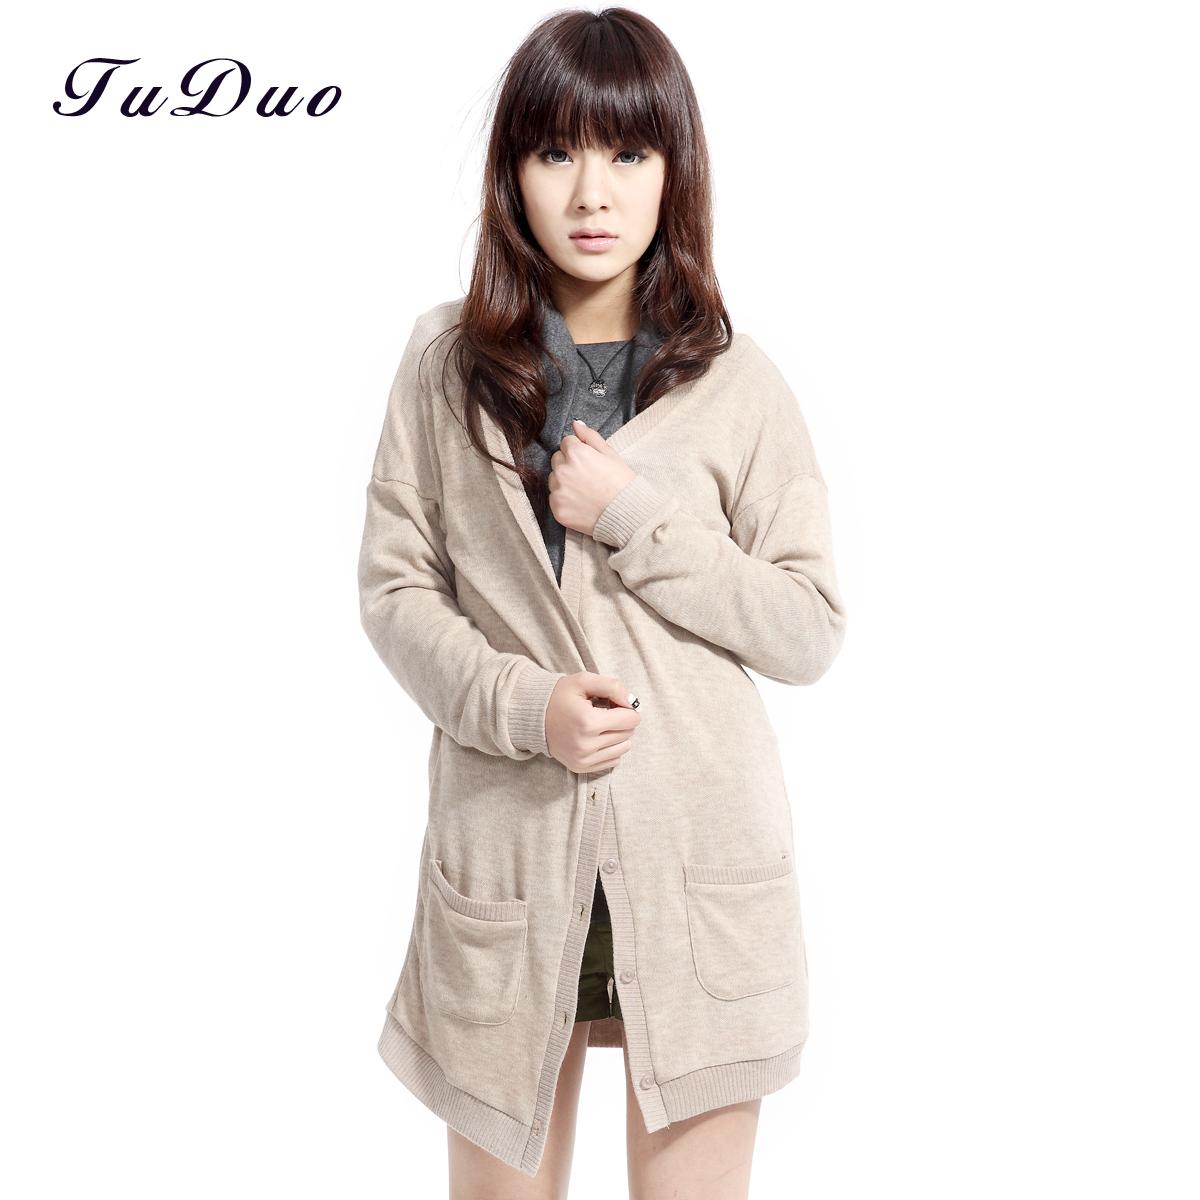 装新品女装 热卖时尚 韩版 棉质 针织毛衣 中长款开衫